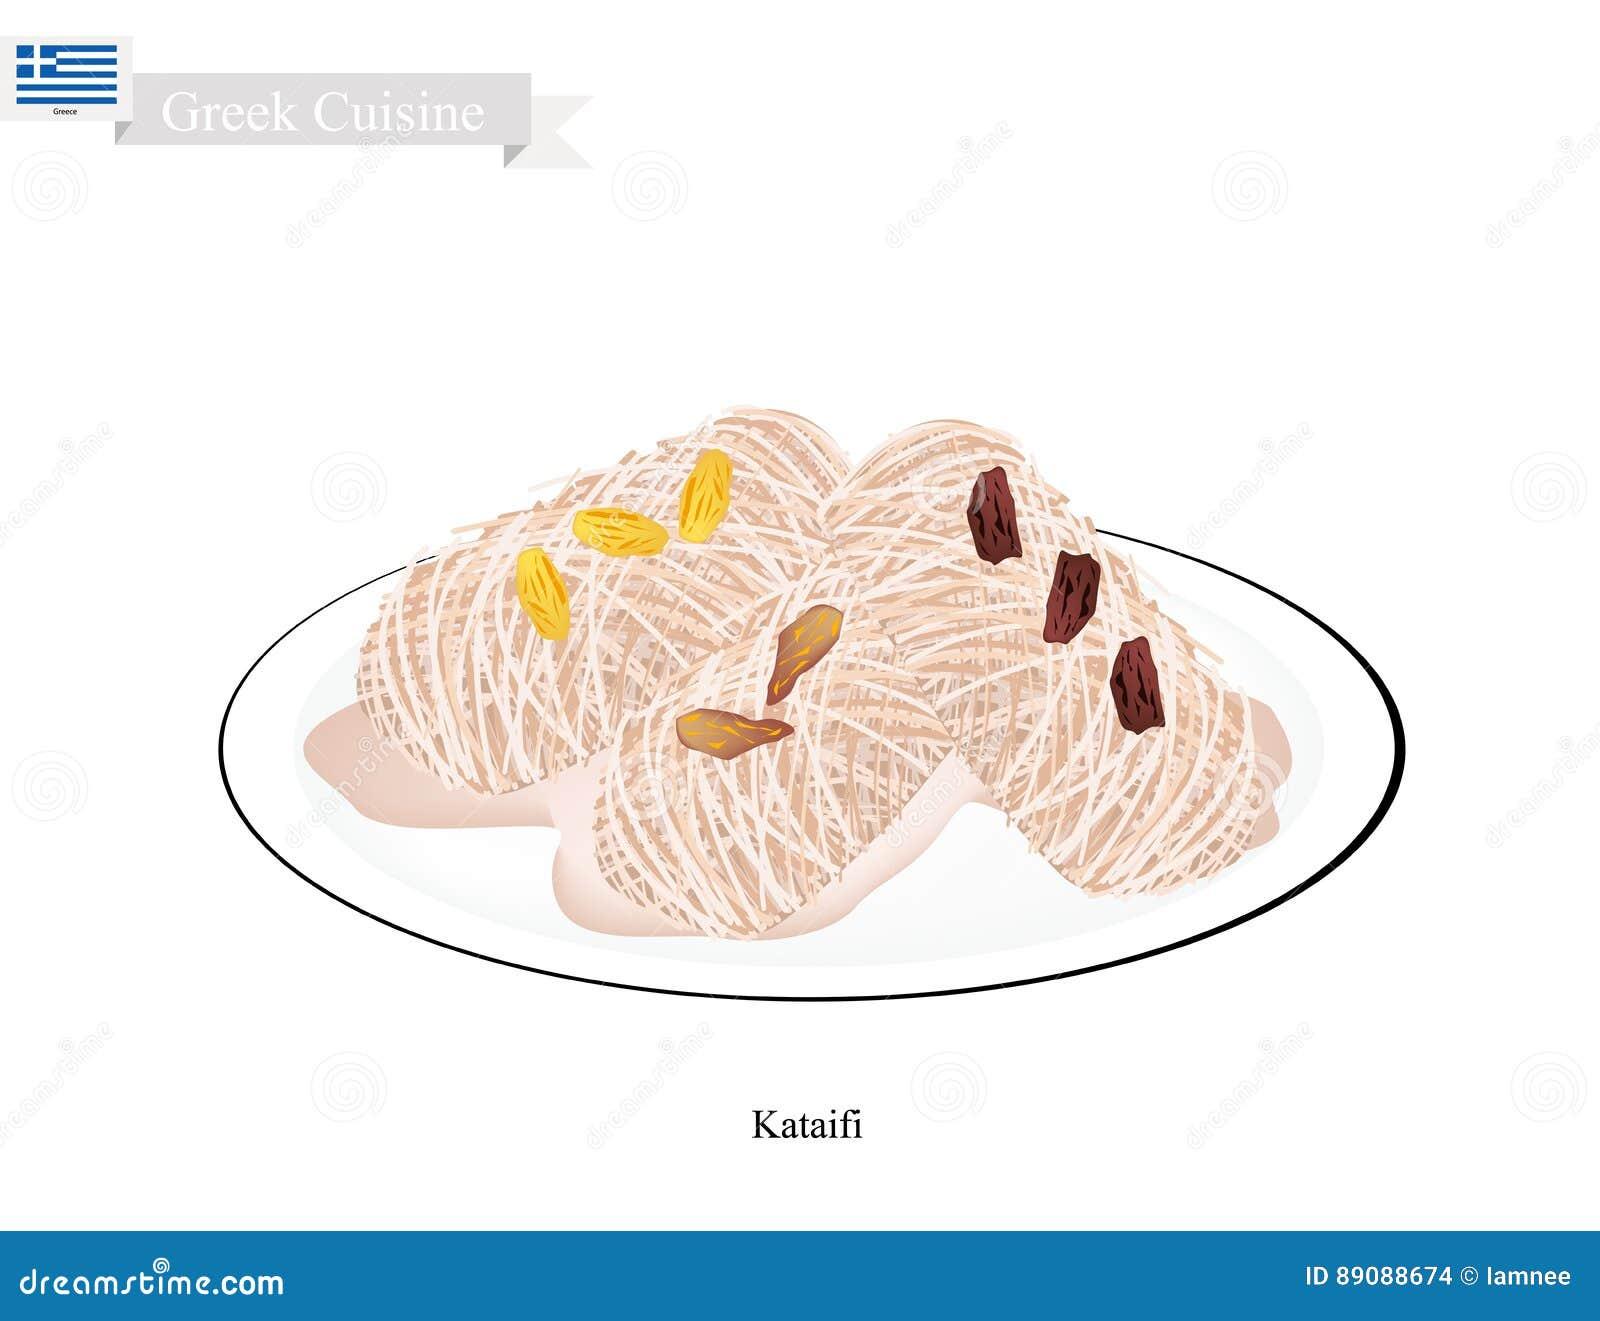 Loukoumades eller grekiska efterrättbollar med söt sirap